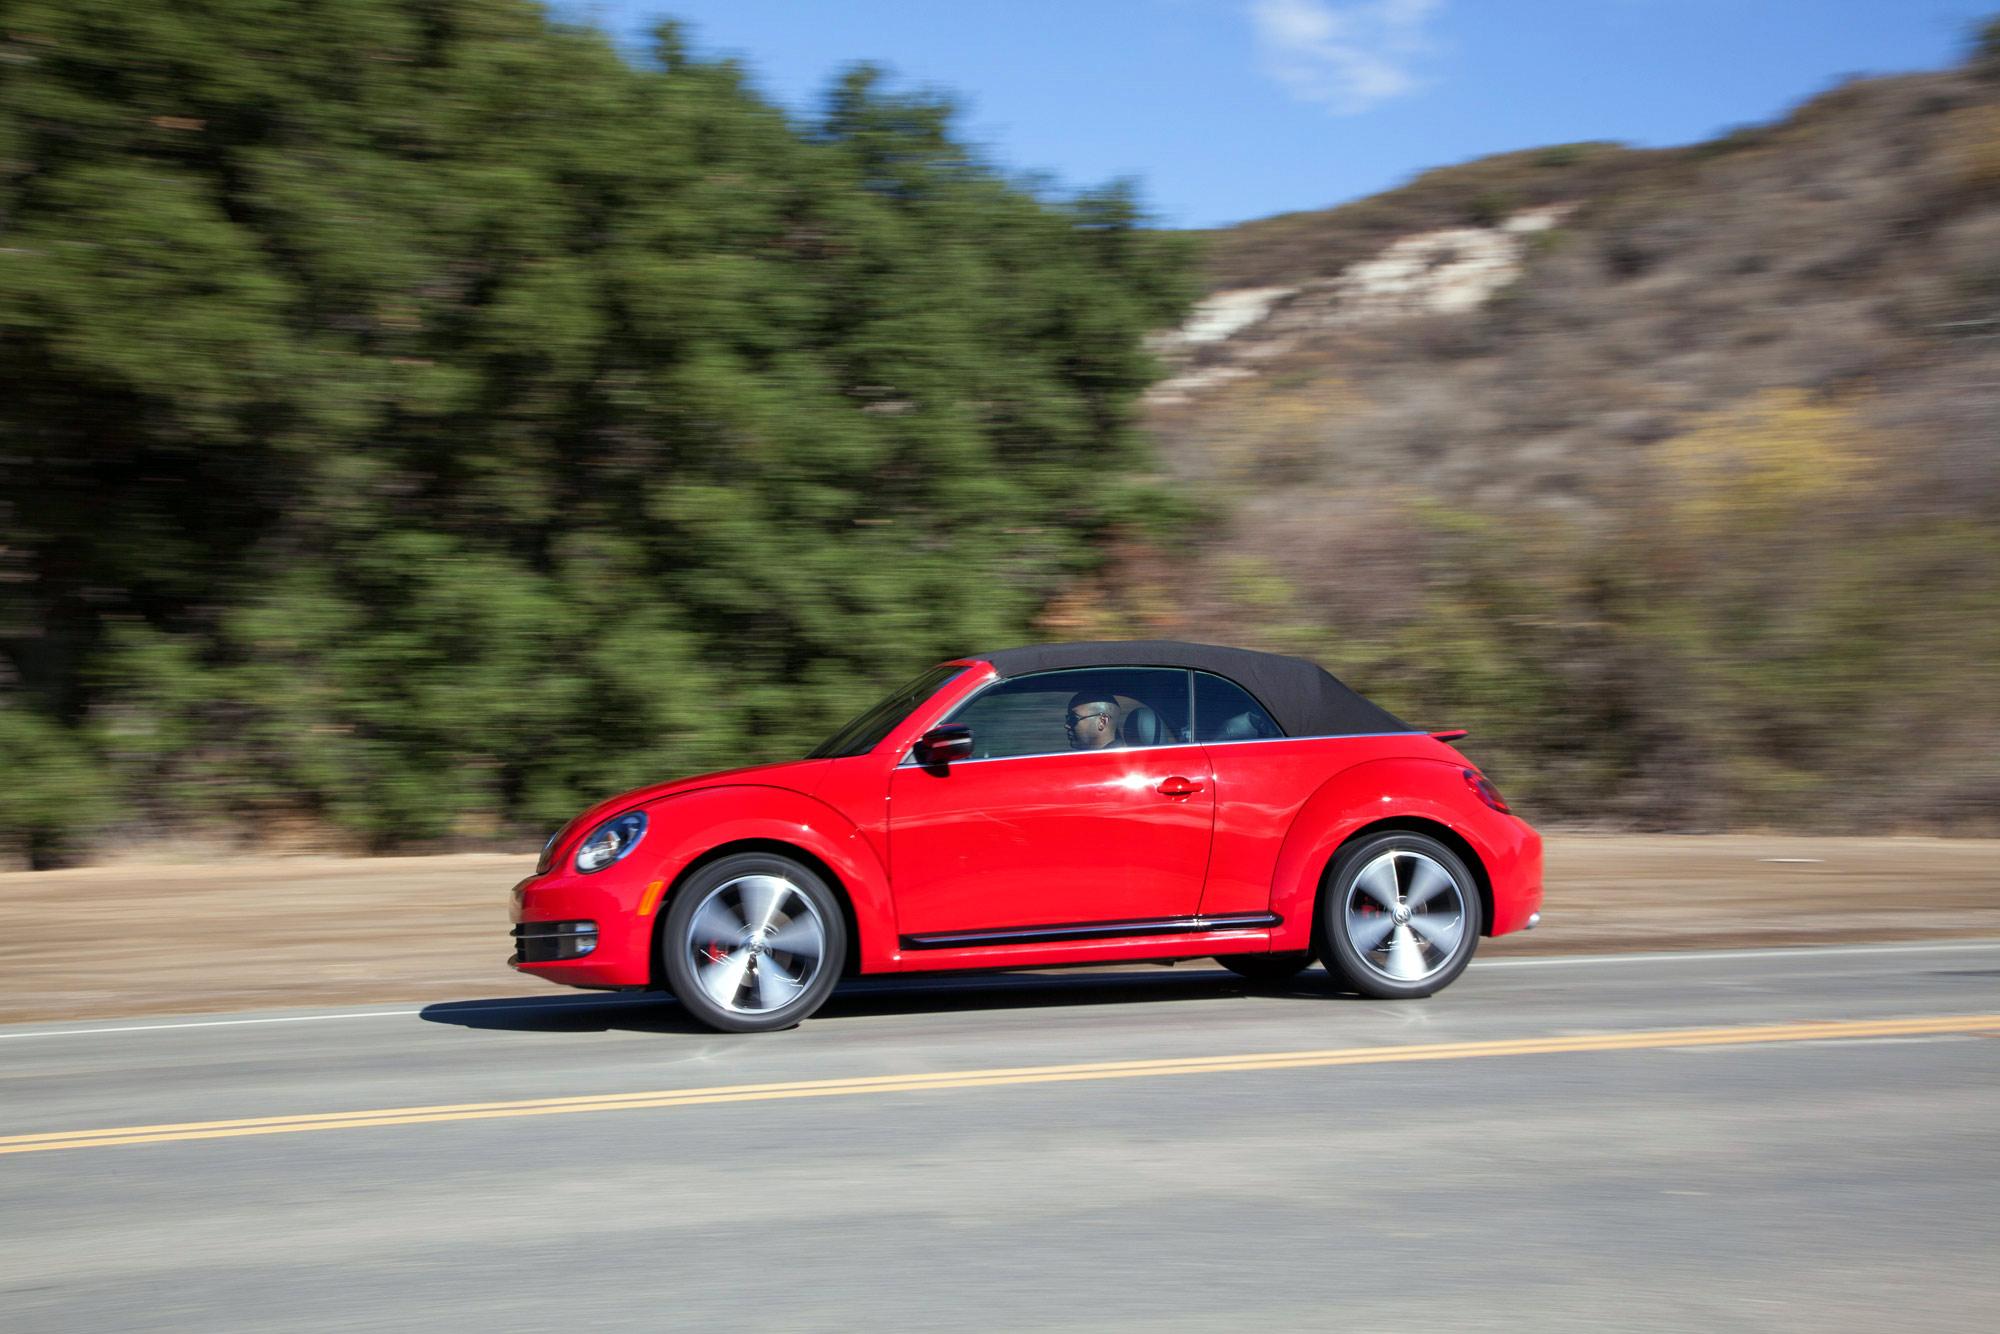 volkswagen-beetle-convertible-060